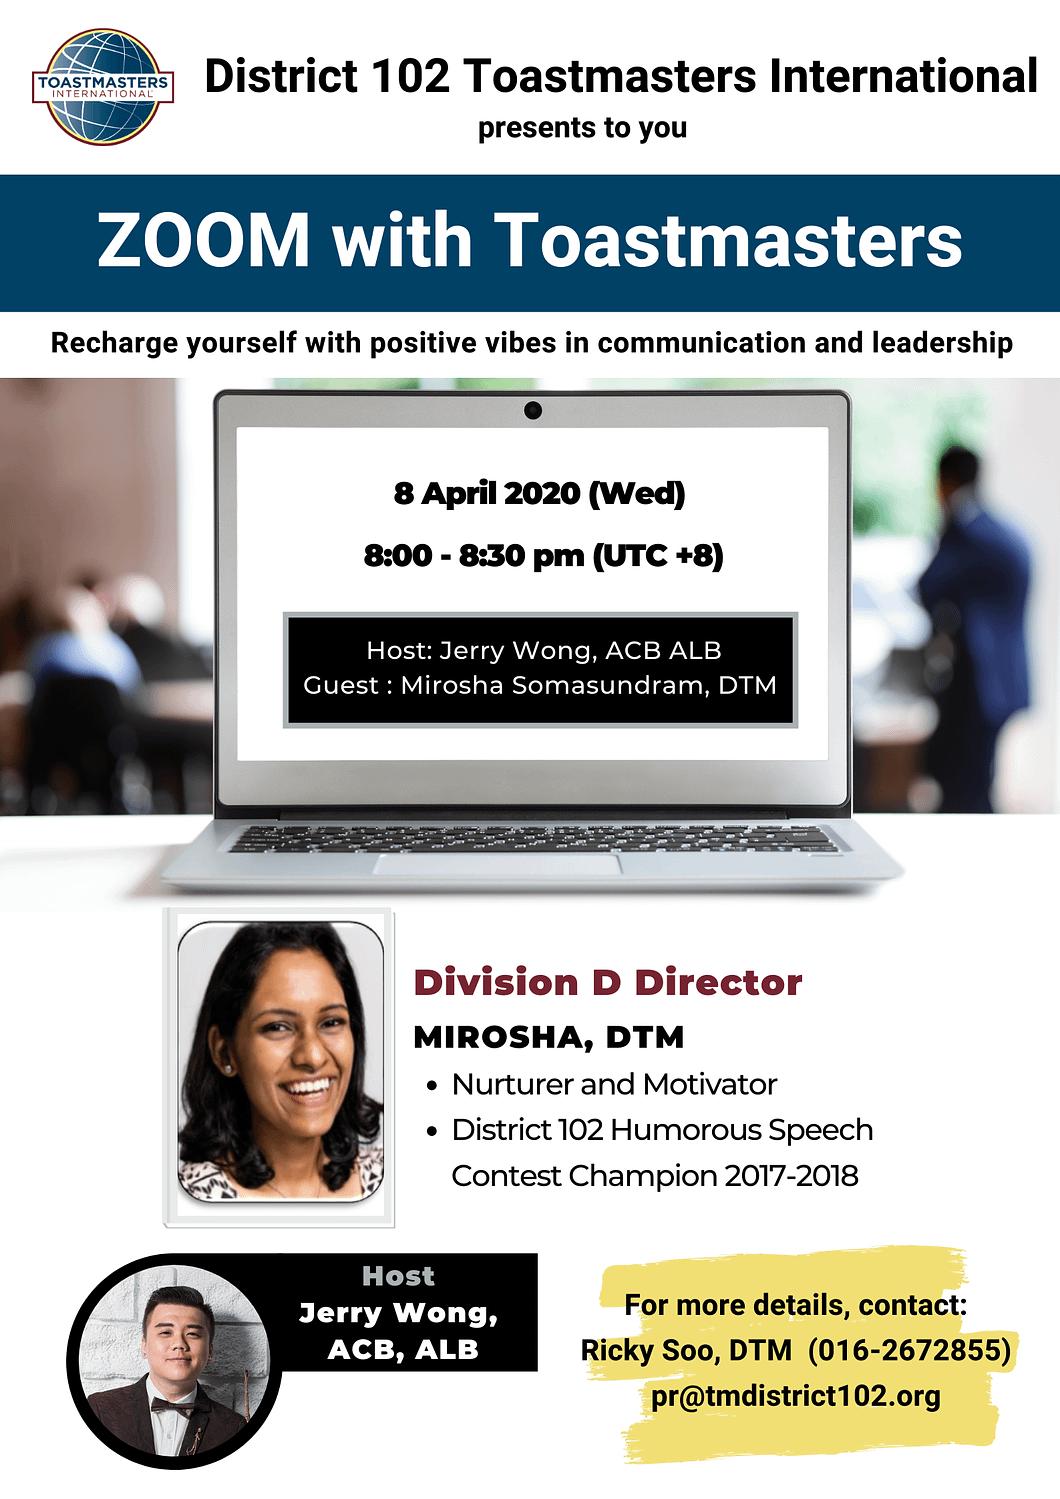 ZOOM with Toastmasters - Mirosha Somasundram, DTM